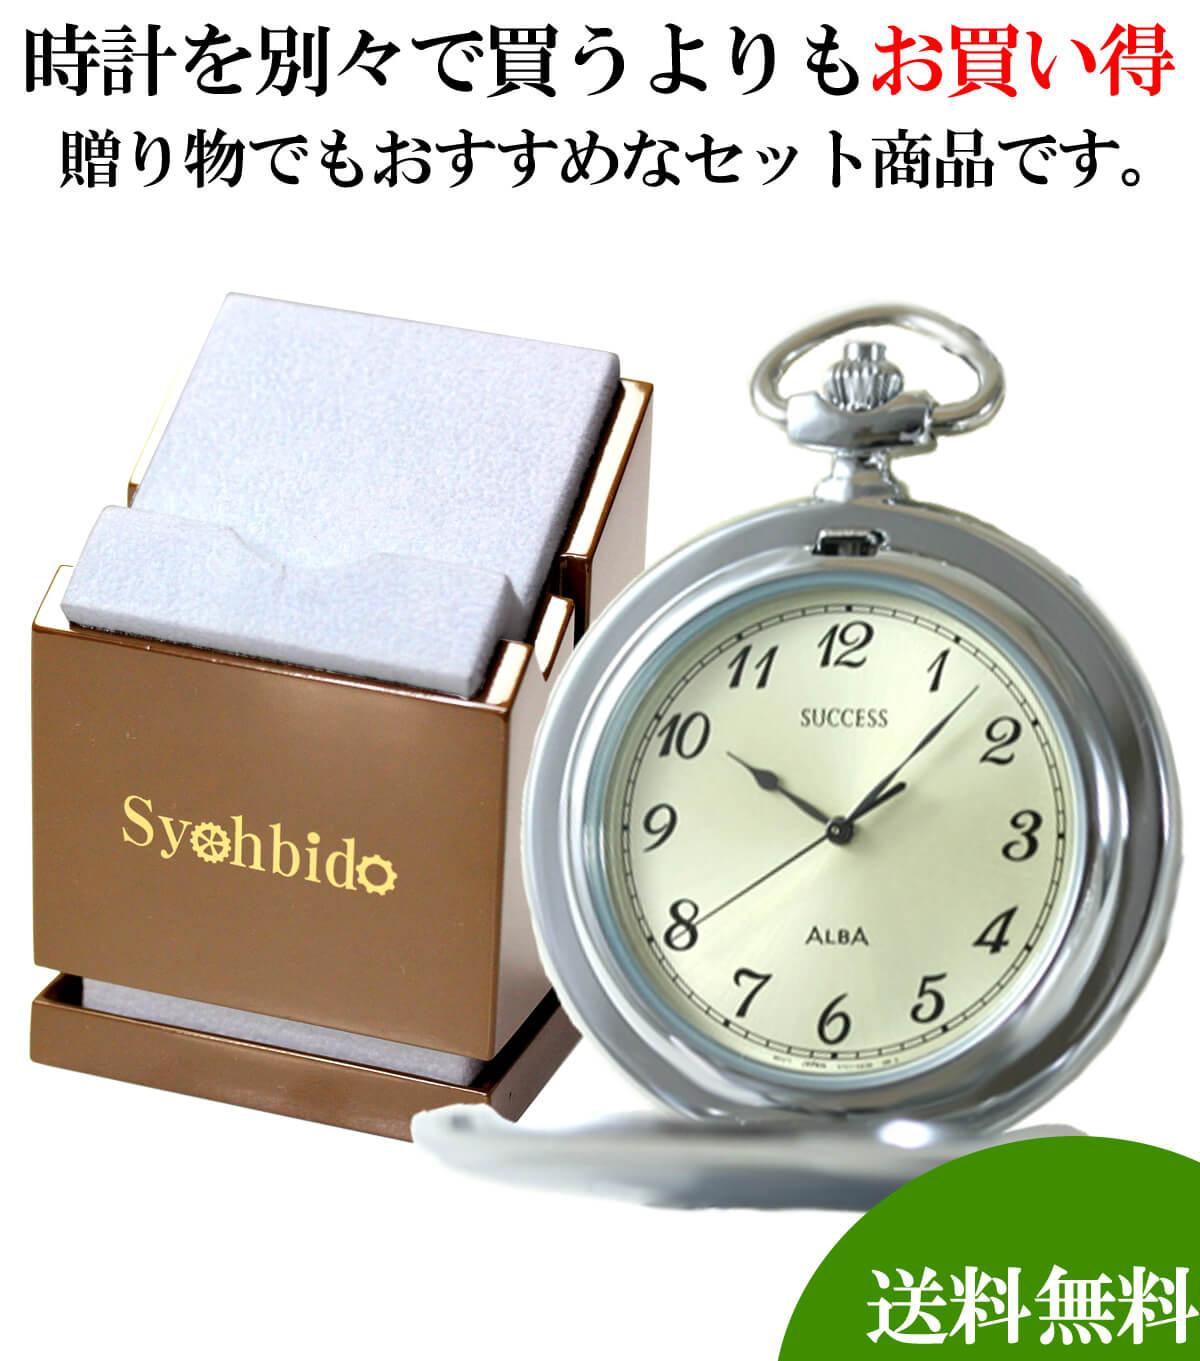 懐中時計と懐中時計専用スタンドのセット aabw149